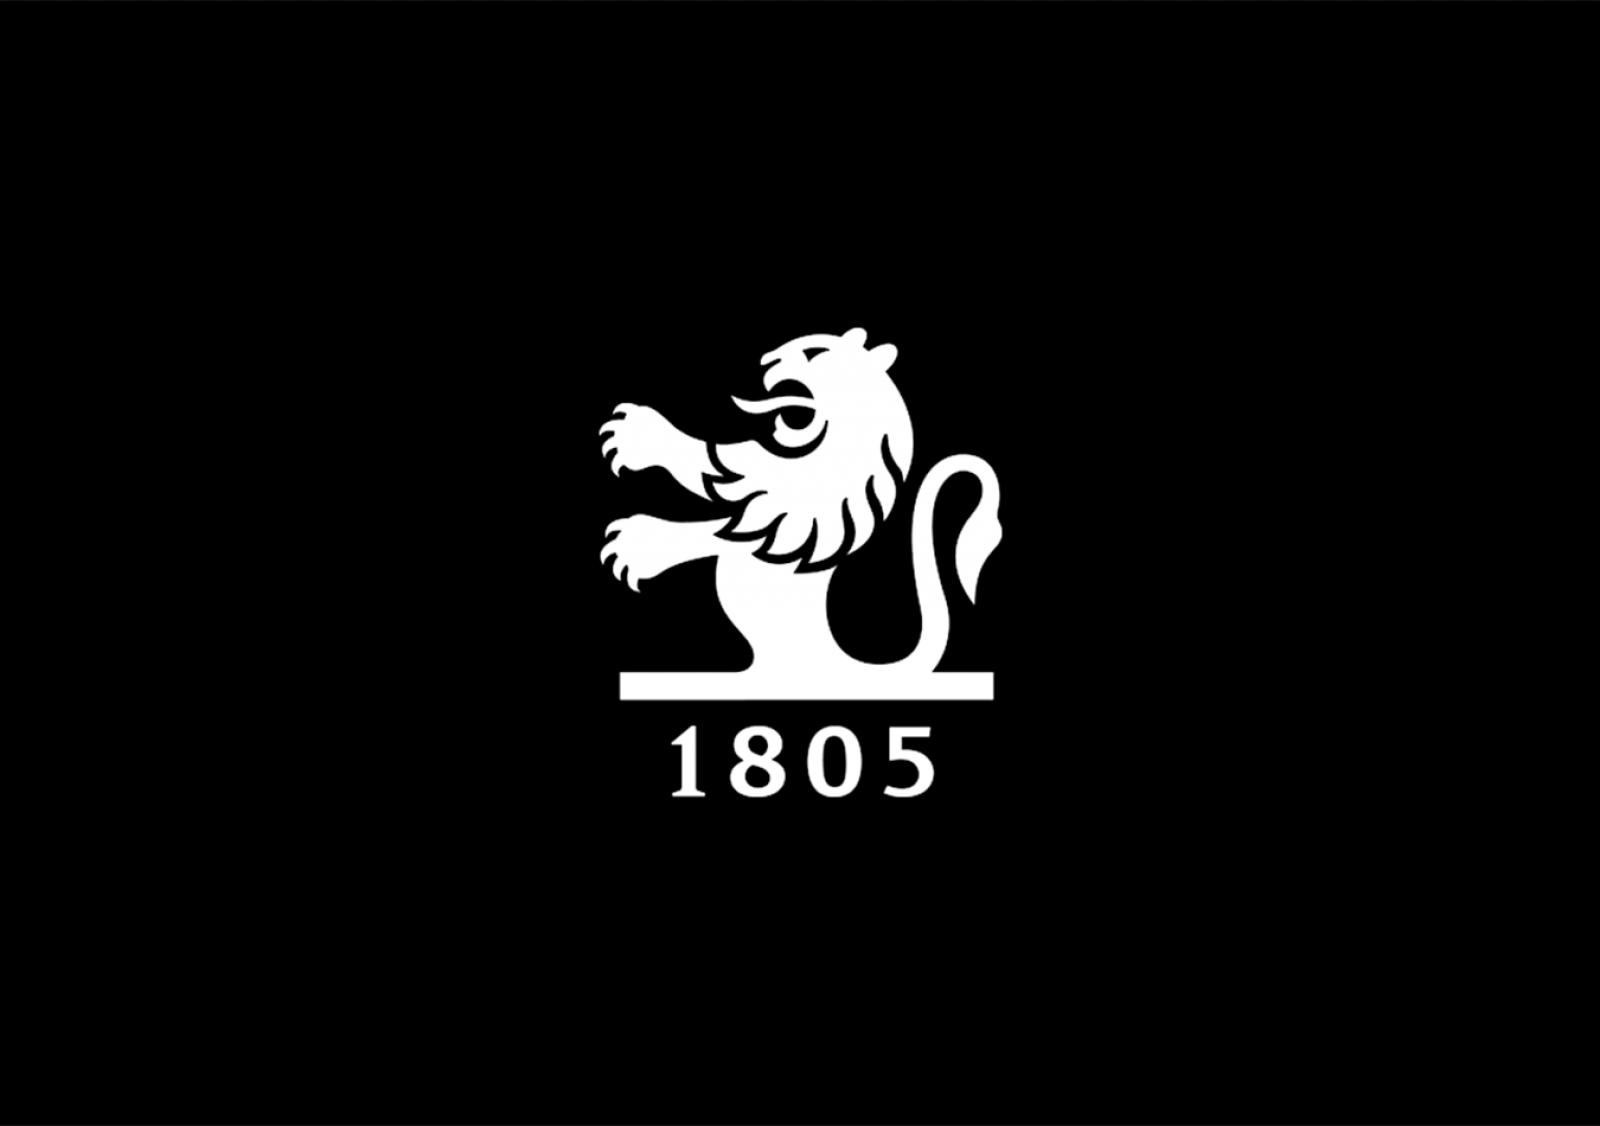 Pictet WM amplía su equipo de banqueros en España